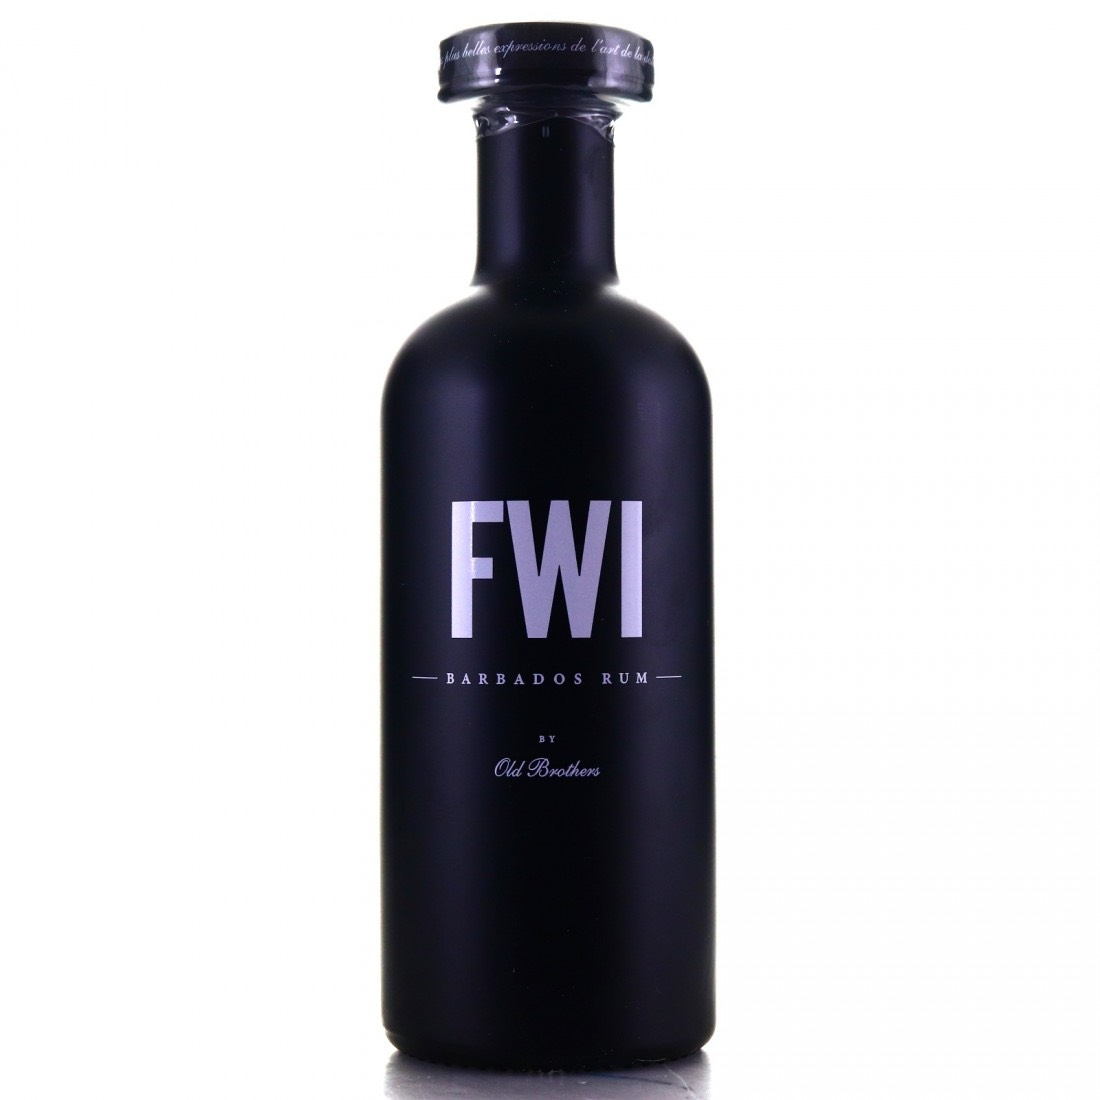 Bottle image of FWI